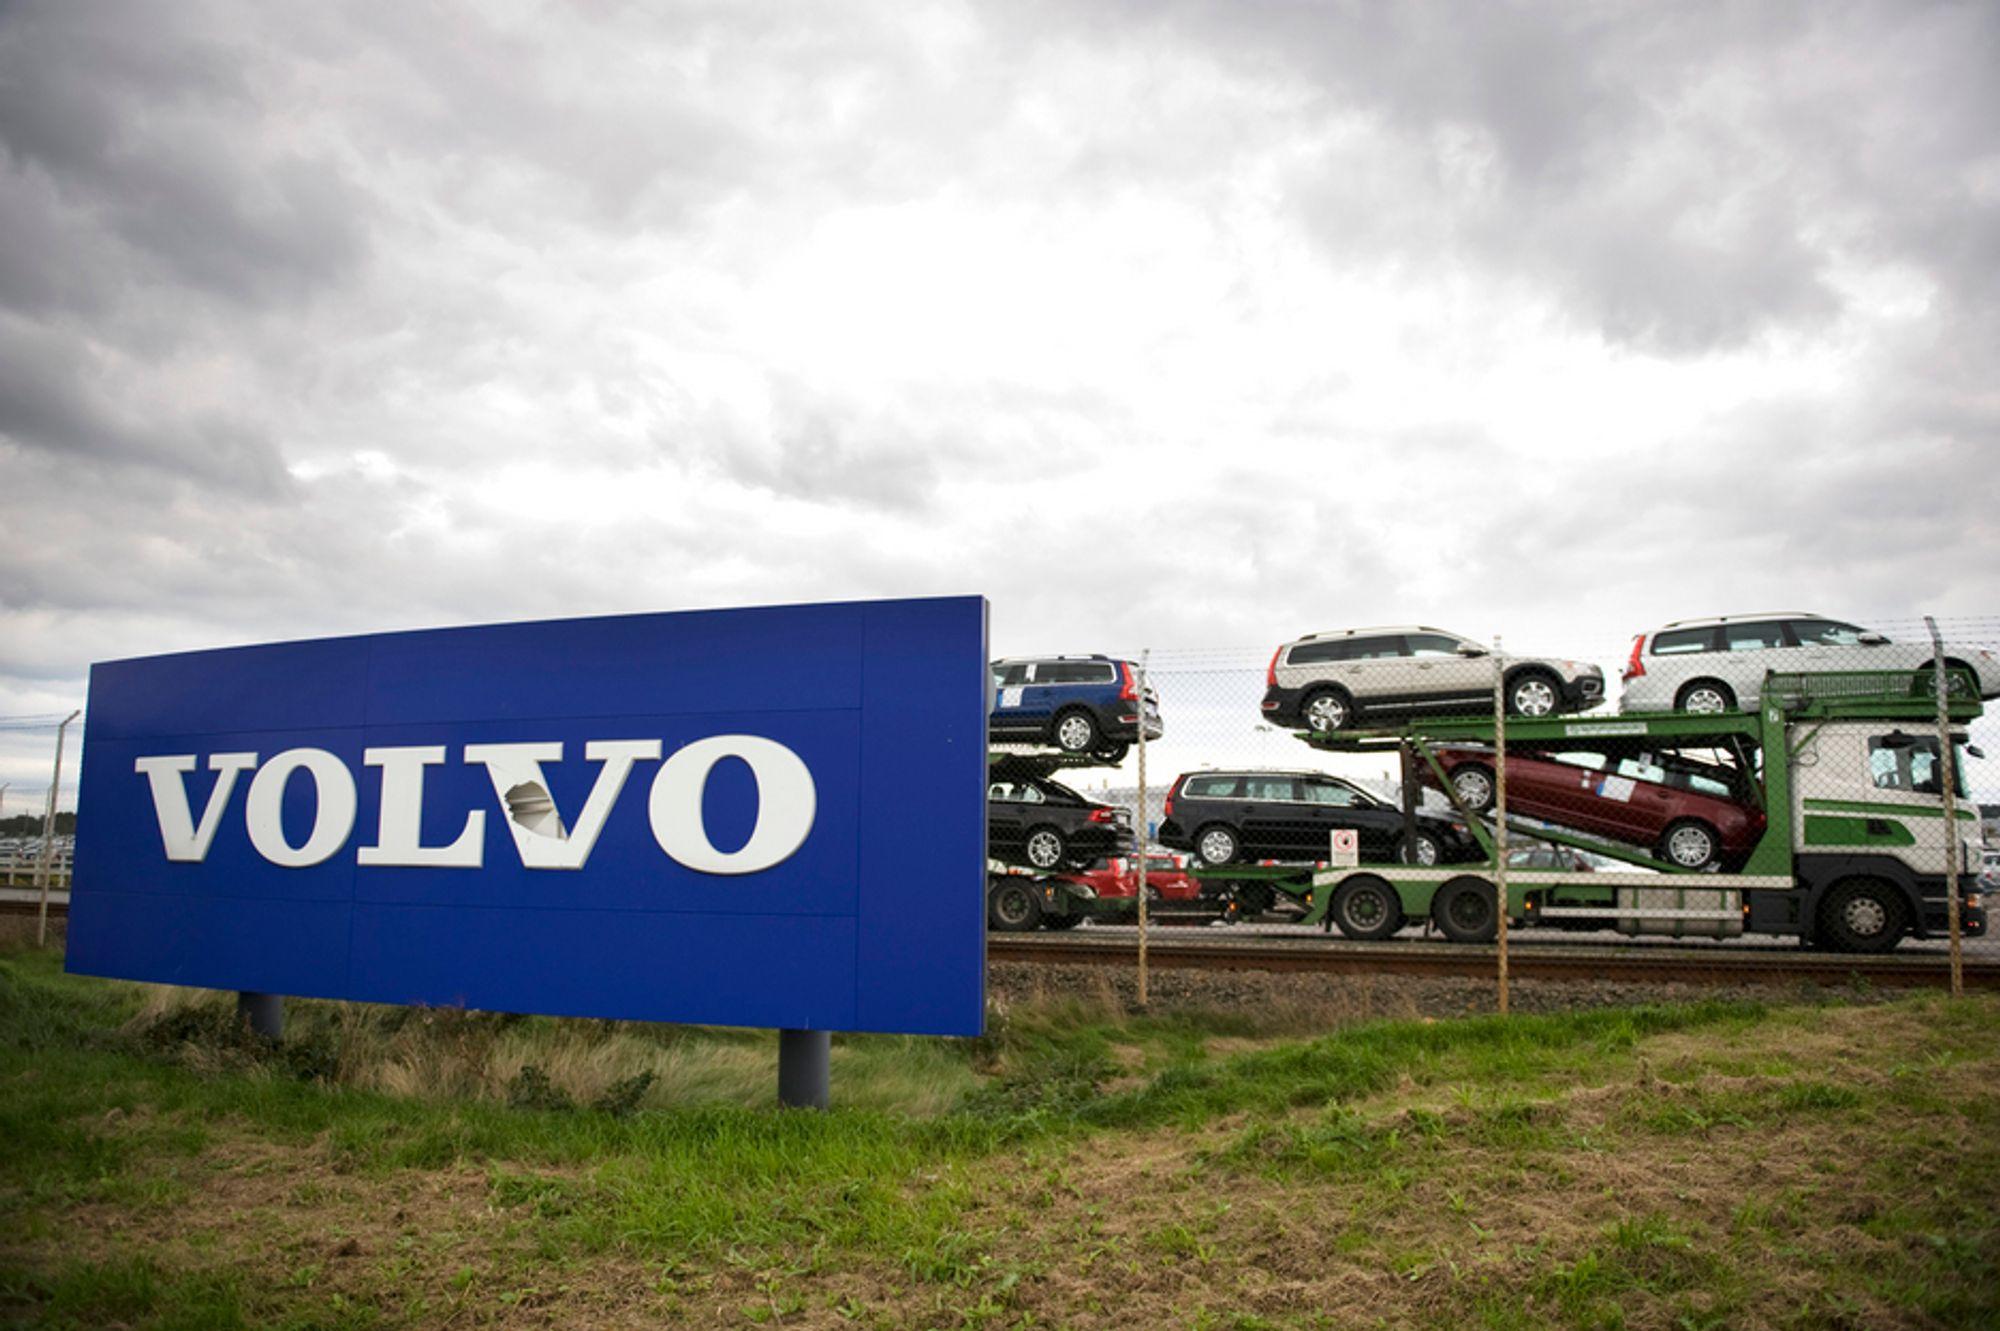 Volvo Personvagnar varslet onsdag at salgssvikt og inntektstap gjør at den tradisjonsrike svenske bilprodusenten må kvitte seg med ytterligere 3.000 ansatte i Sverige.